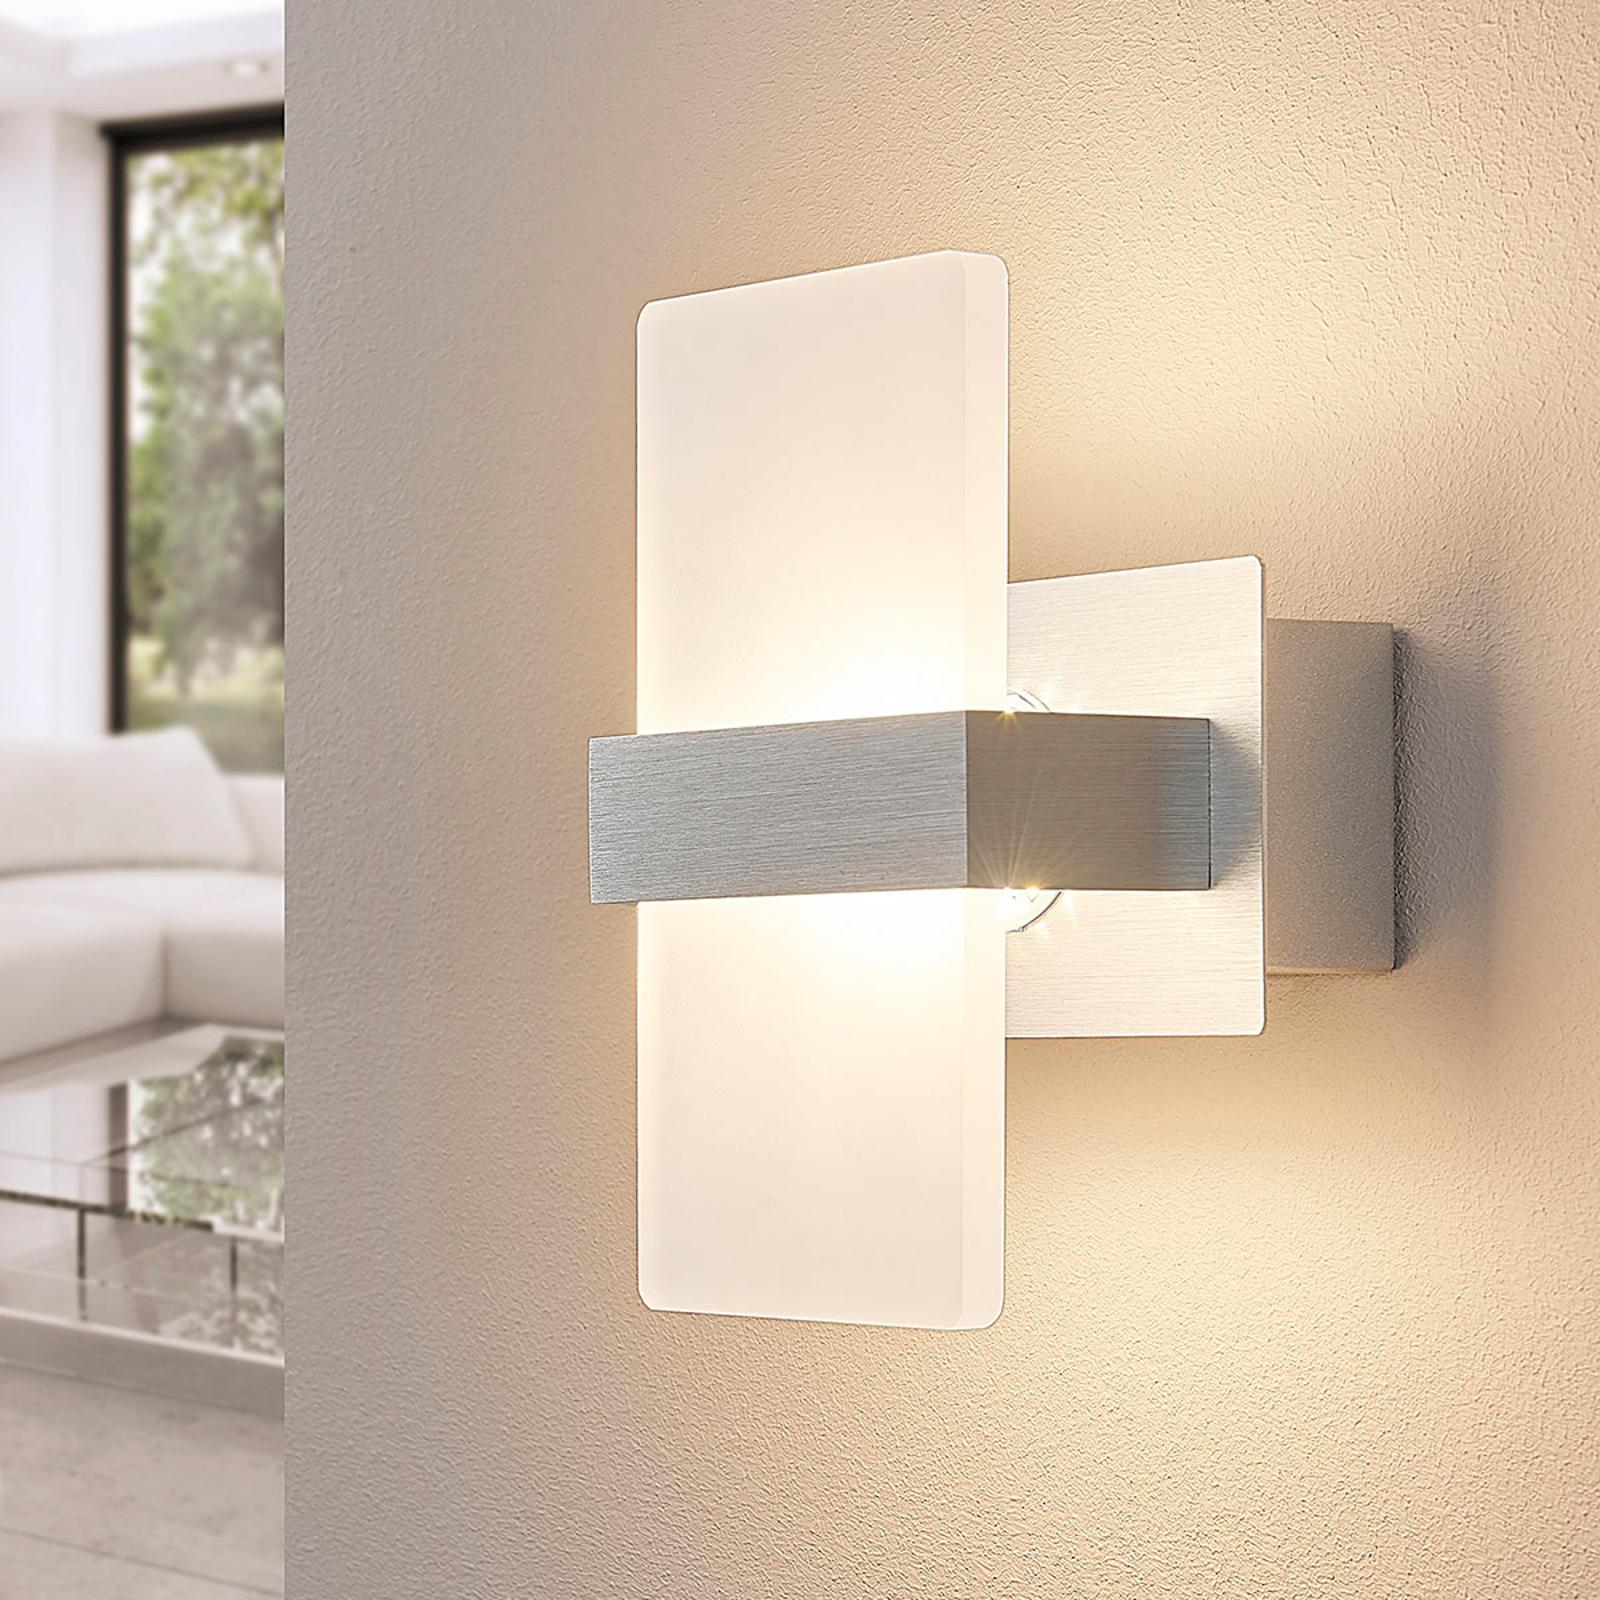 LED-Wandleuchte Yorick m. weißer Kunststoffblende